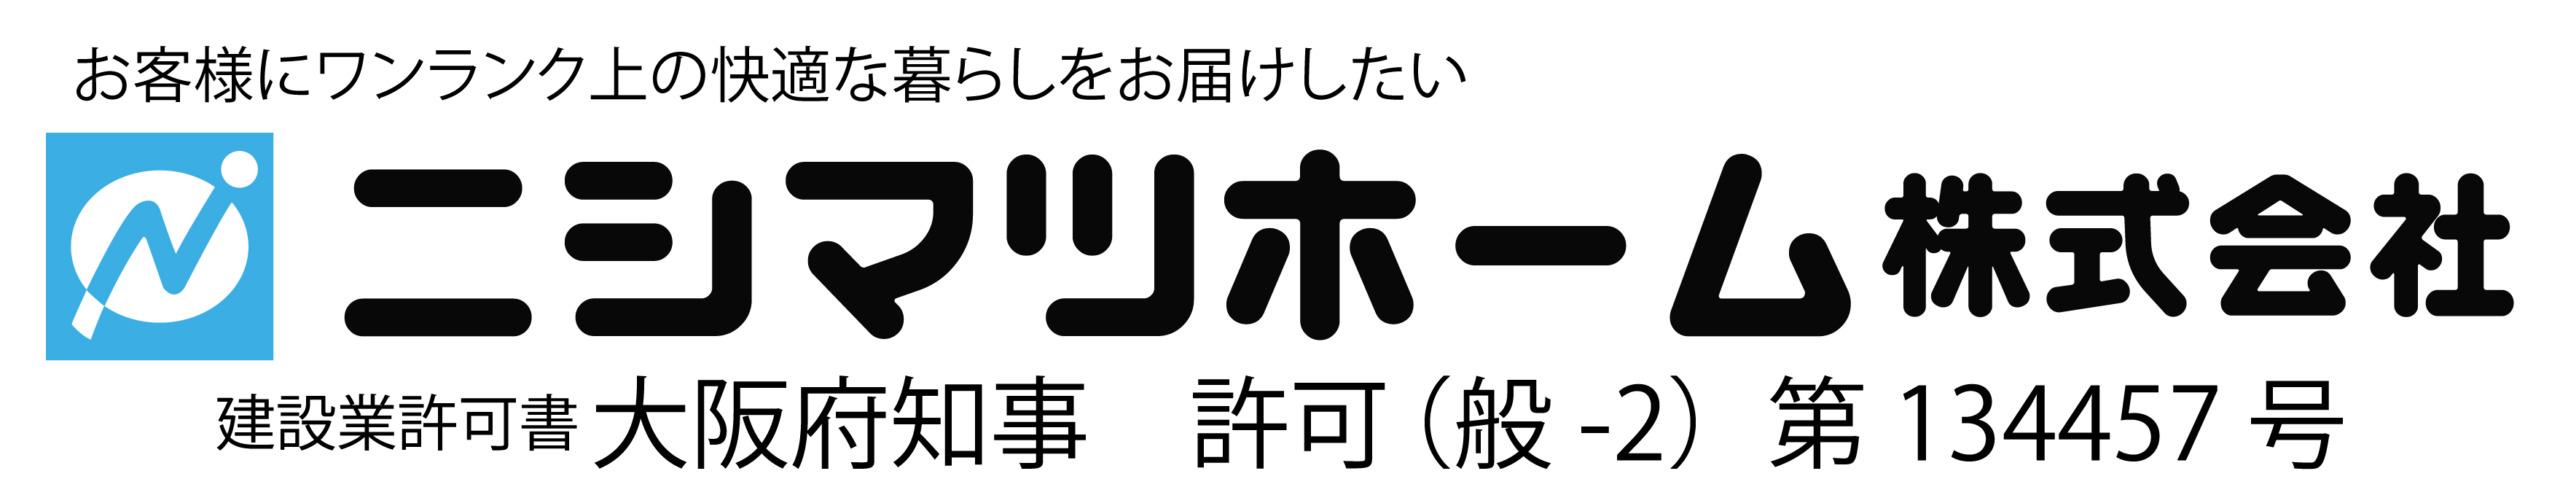 リフォーム・外壁塗装なら大阪府堺市のニシマツホーム株式会社